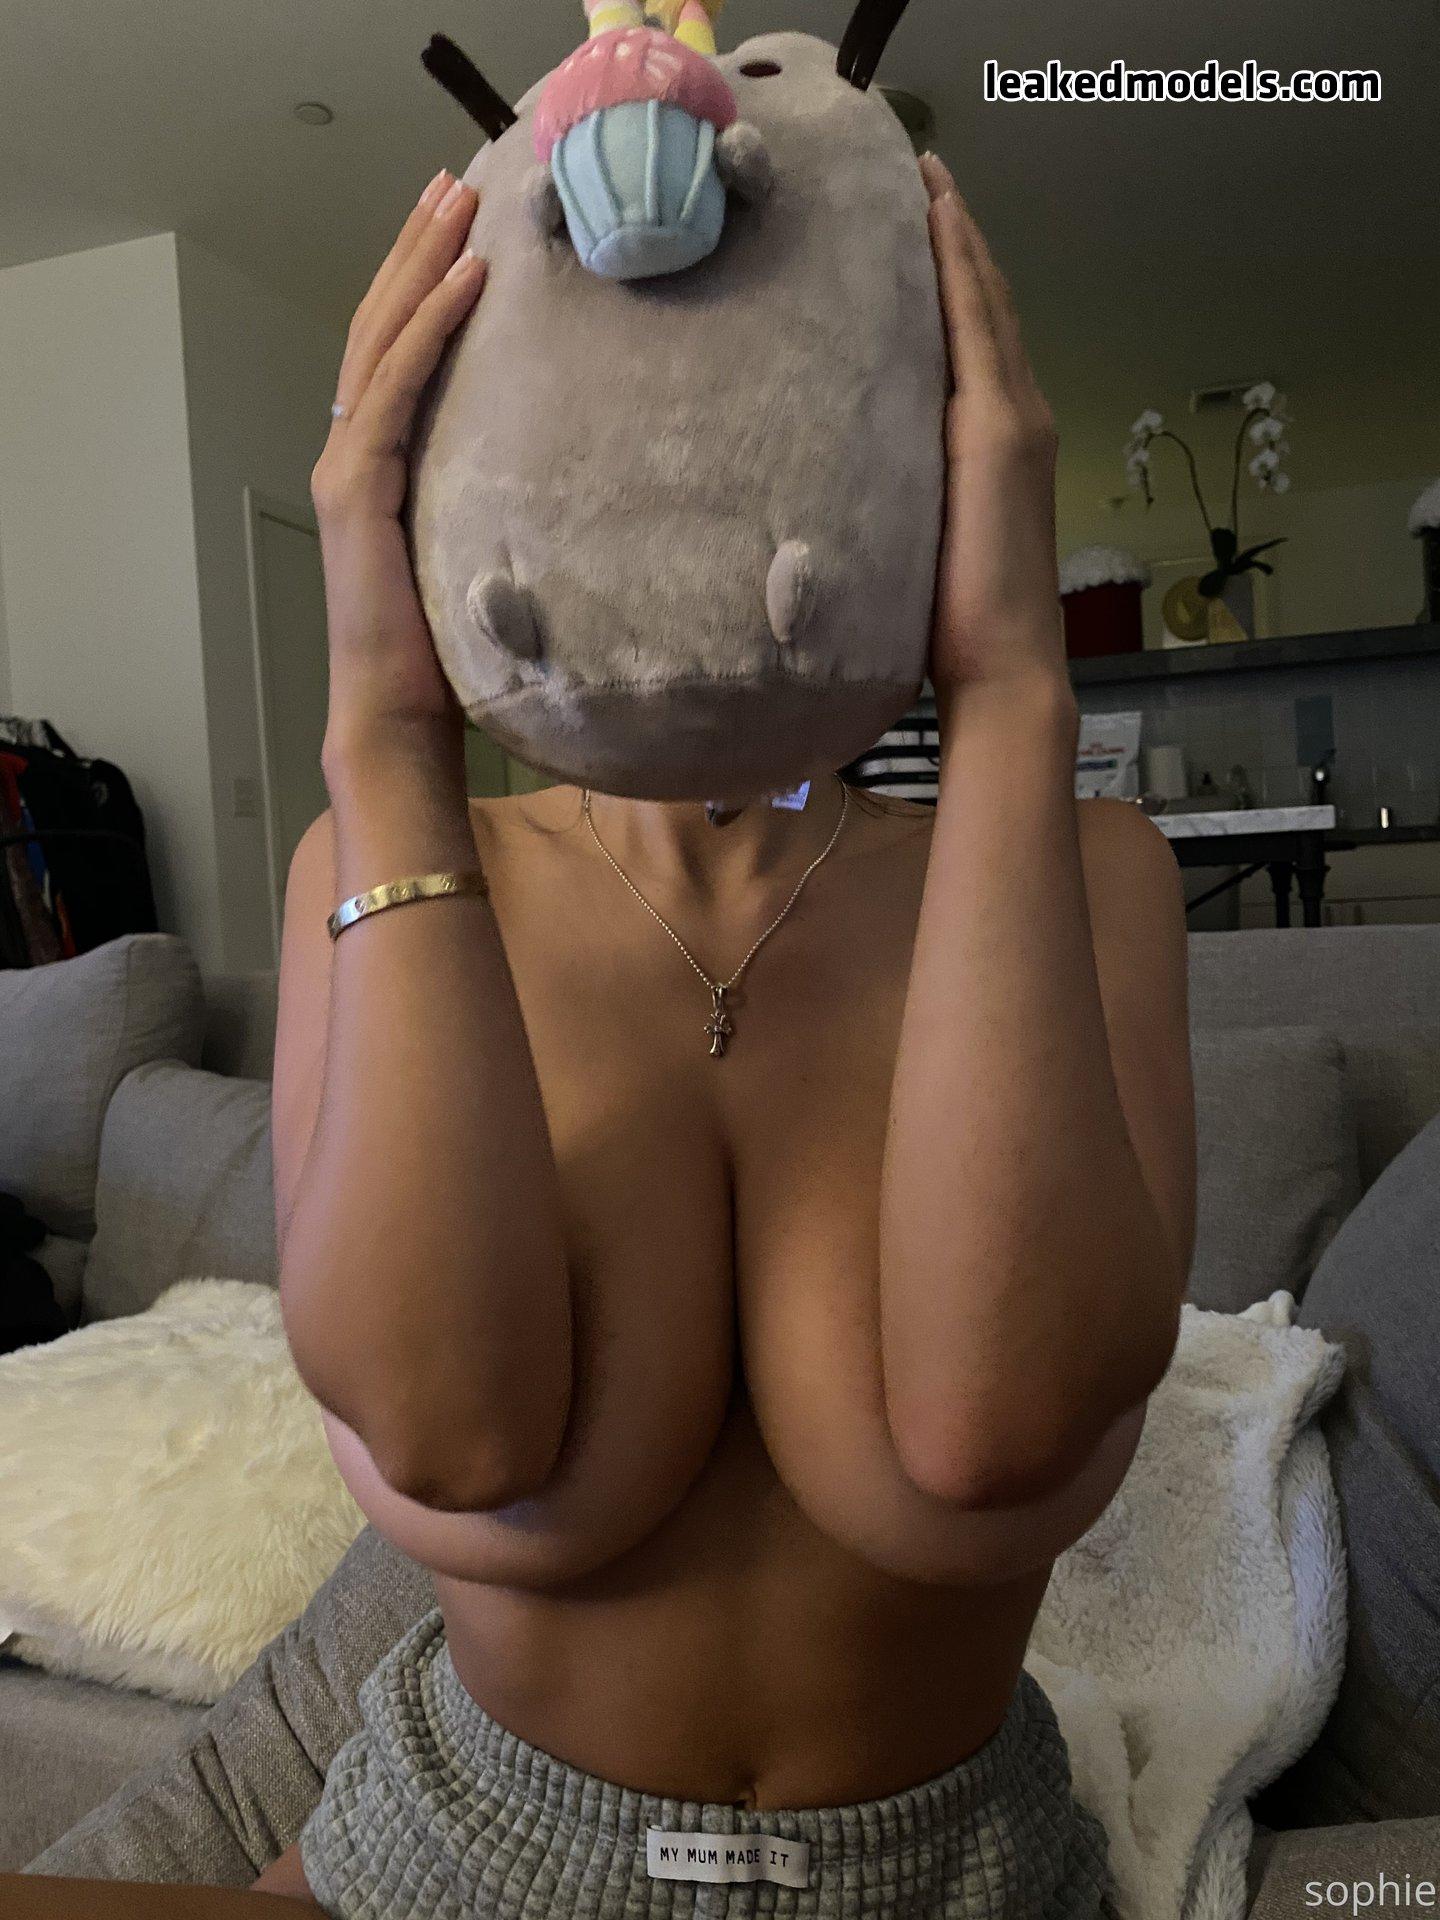 Sophie Mudd – sophiemudd Instagram Nude Leaks (33 Photos)